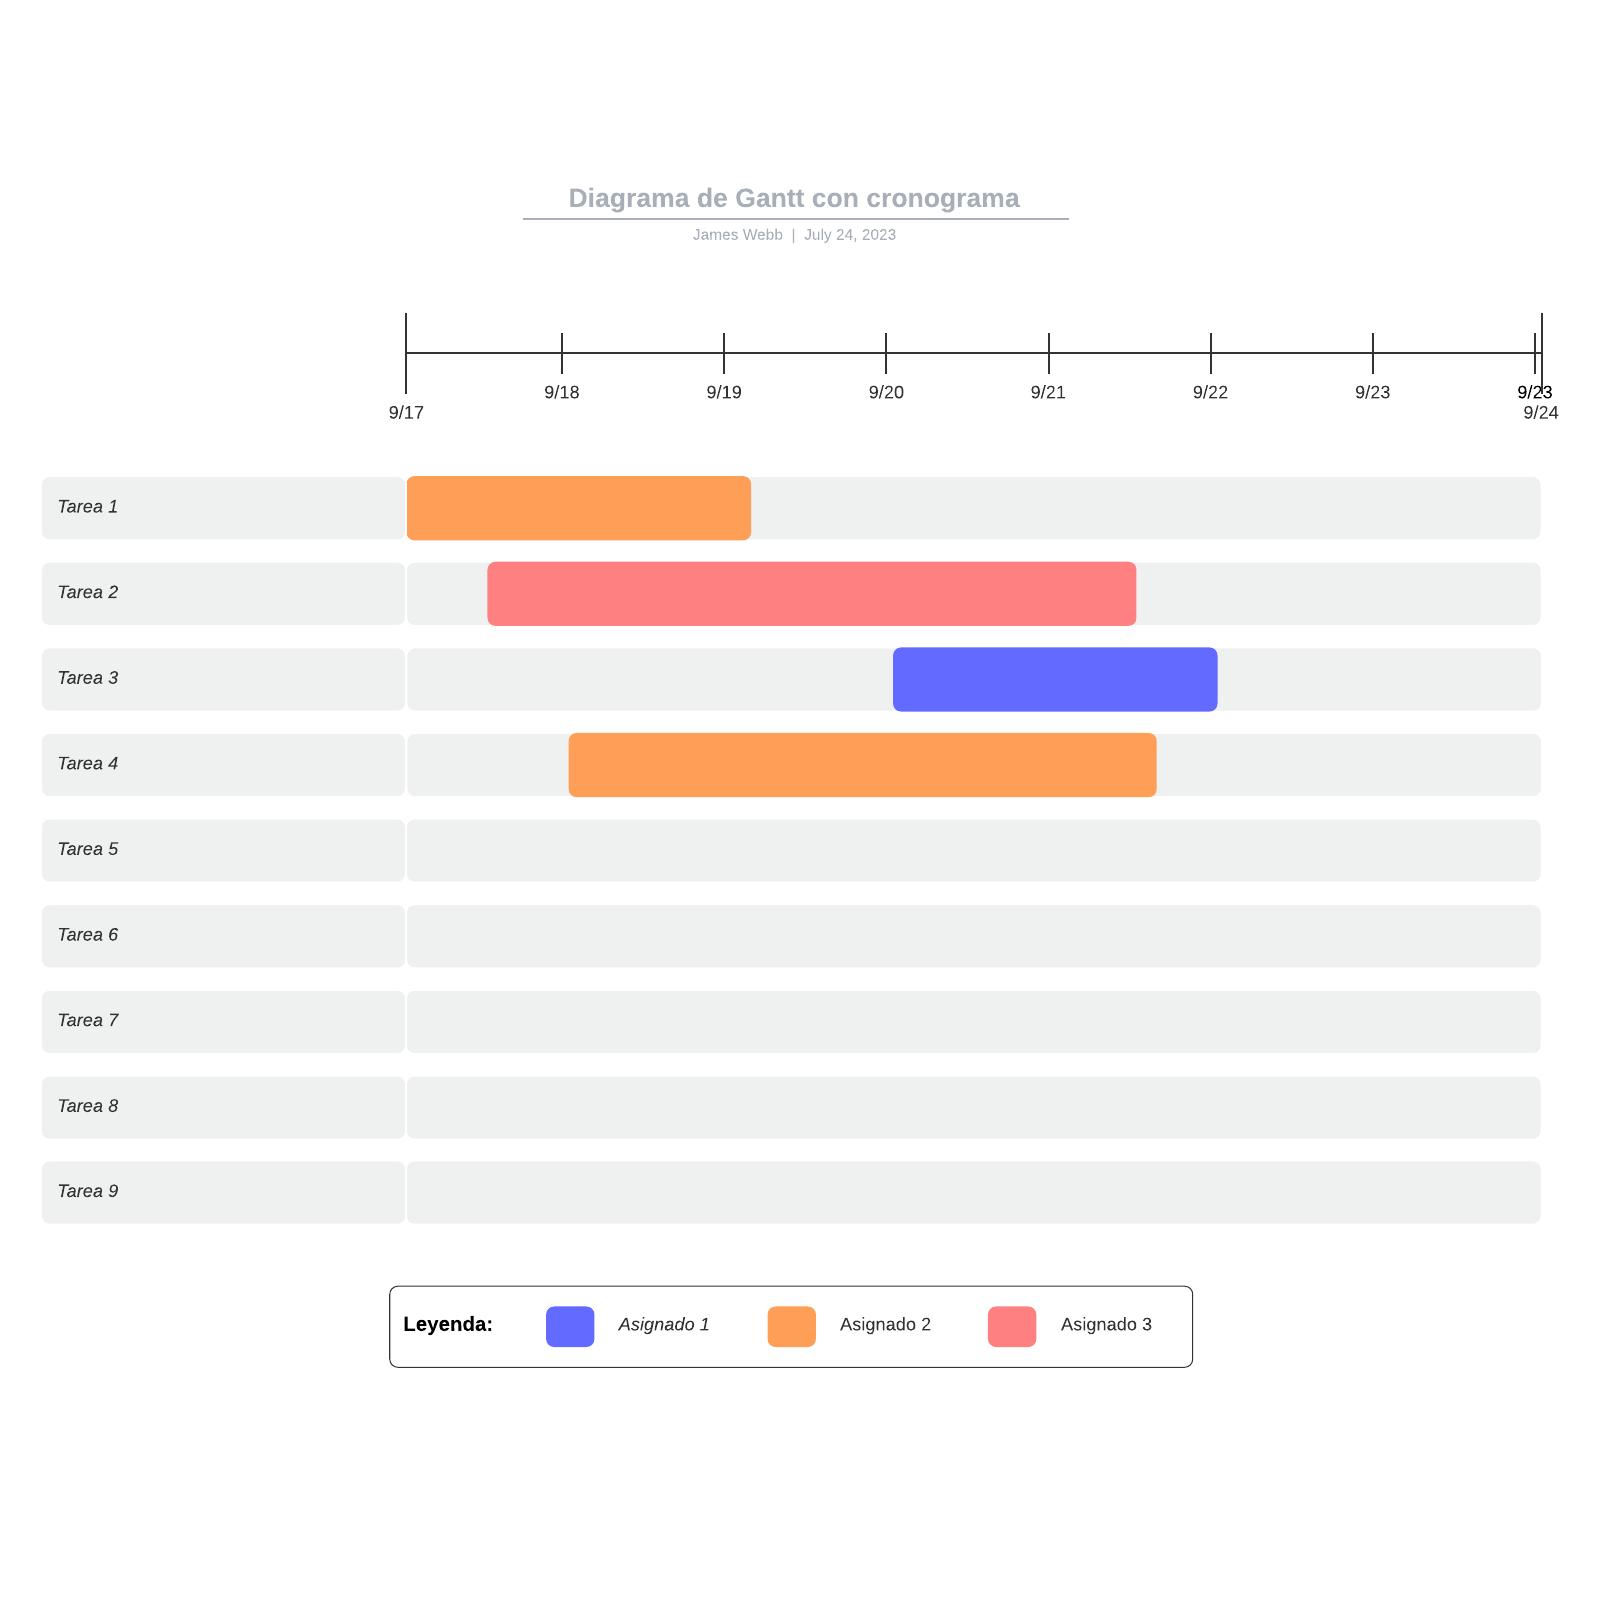 Diagrama de Gantt con cronograma